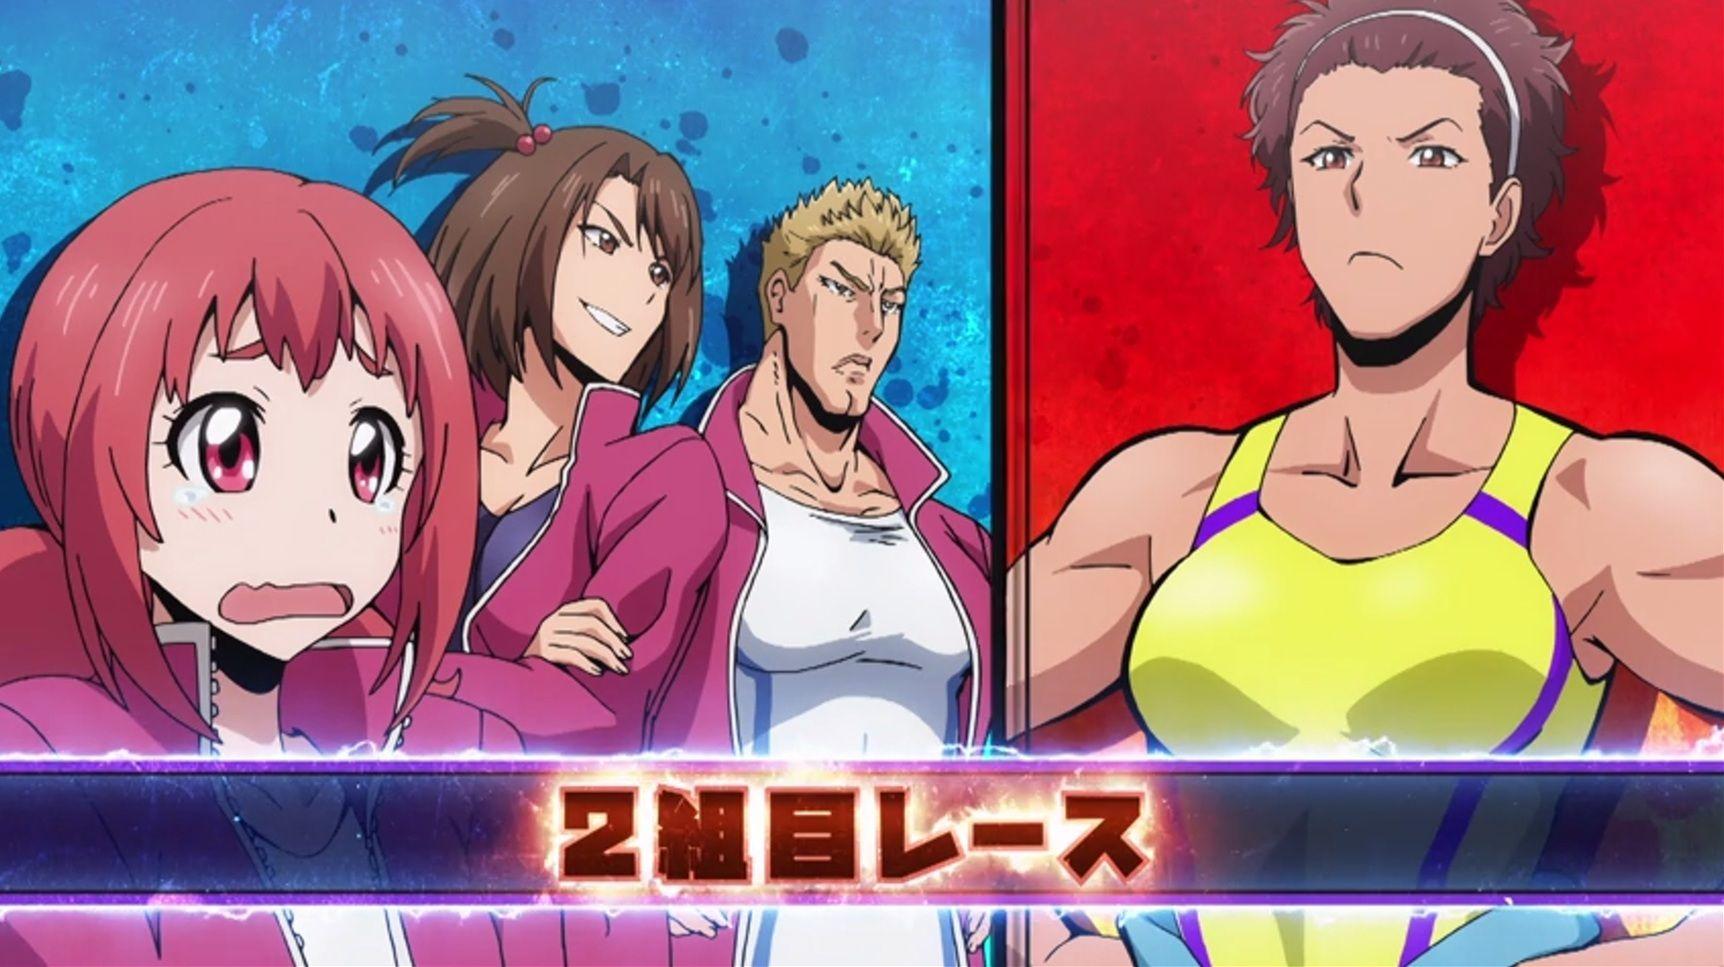 Non Toyoguchi Vs Atsuko Yoshida Keijo Anime Art Fantasy